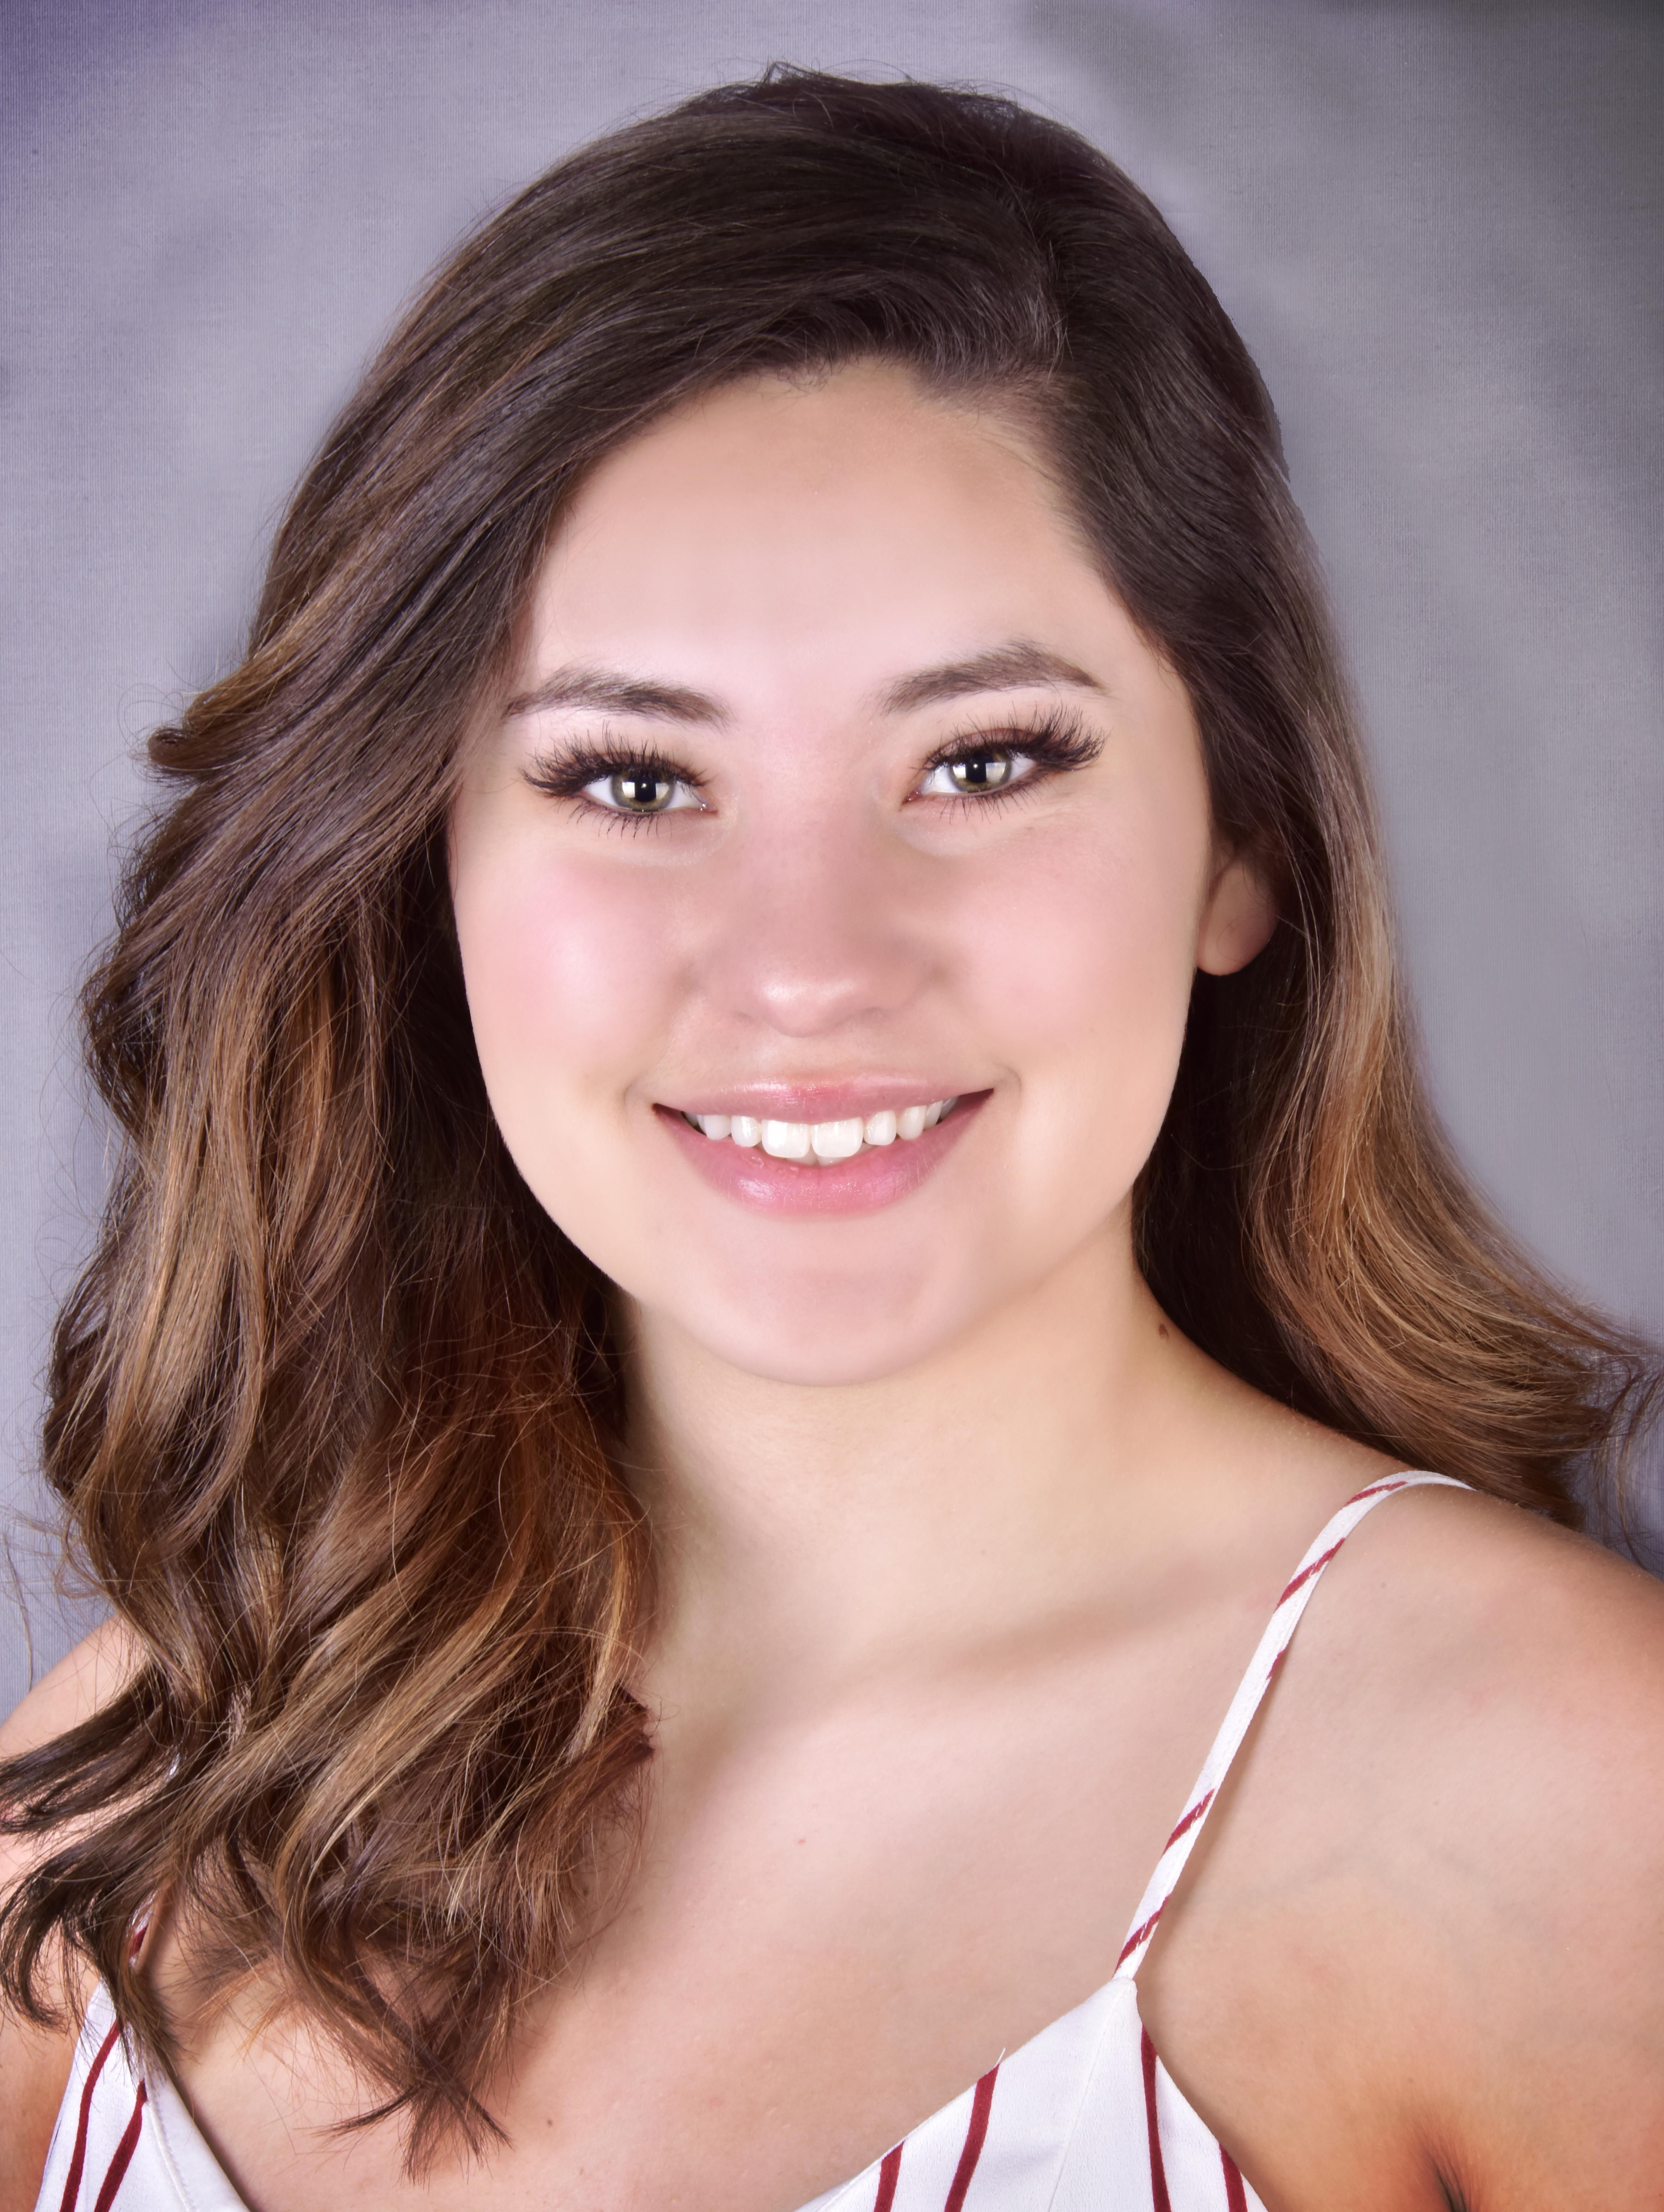 Miss #9 Sienna Mascarenas